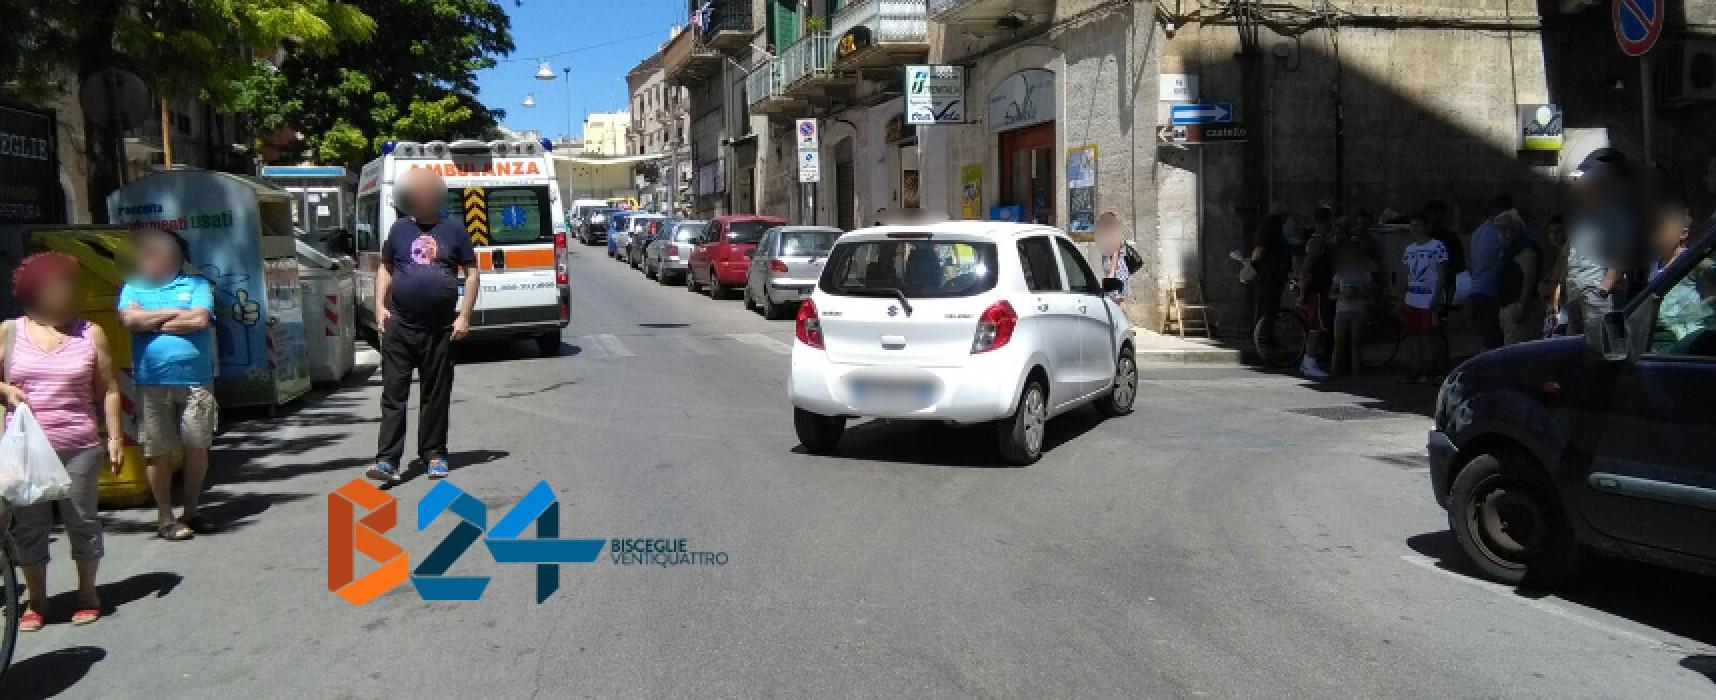 Corso Umberto, donna cade dal motociclo e finisce al pronto soccorso